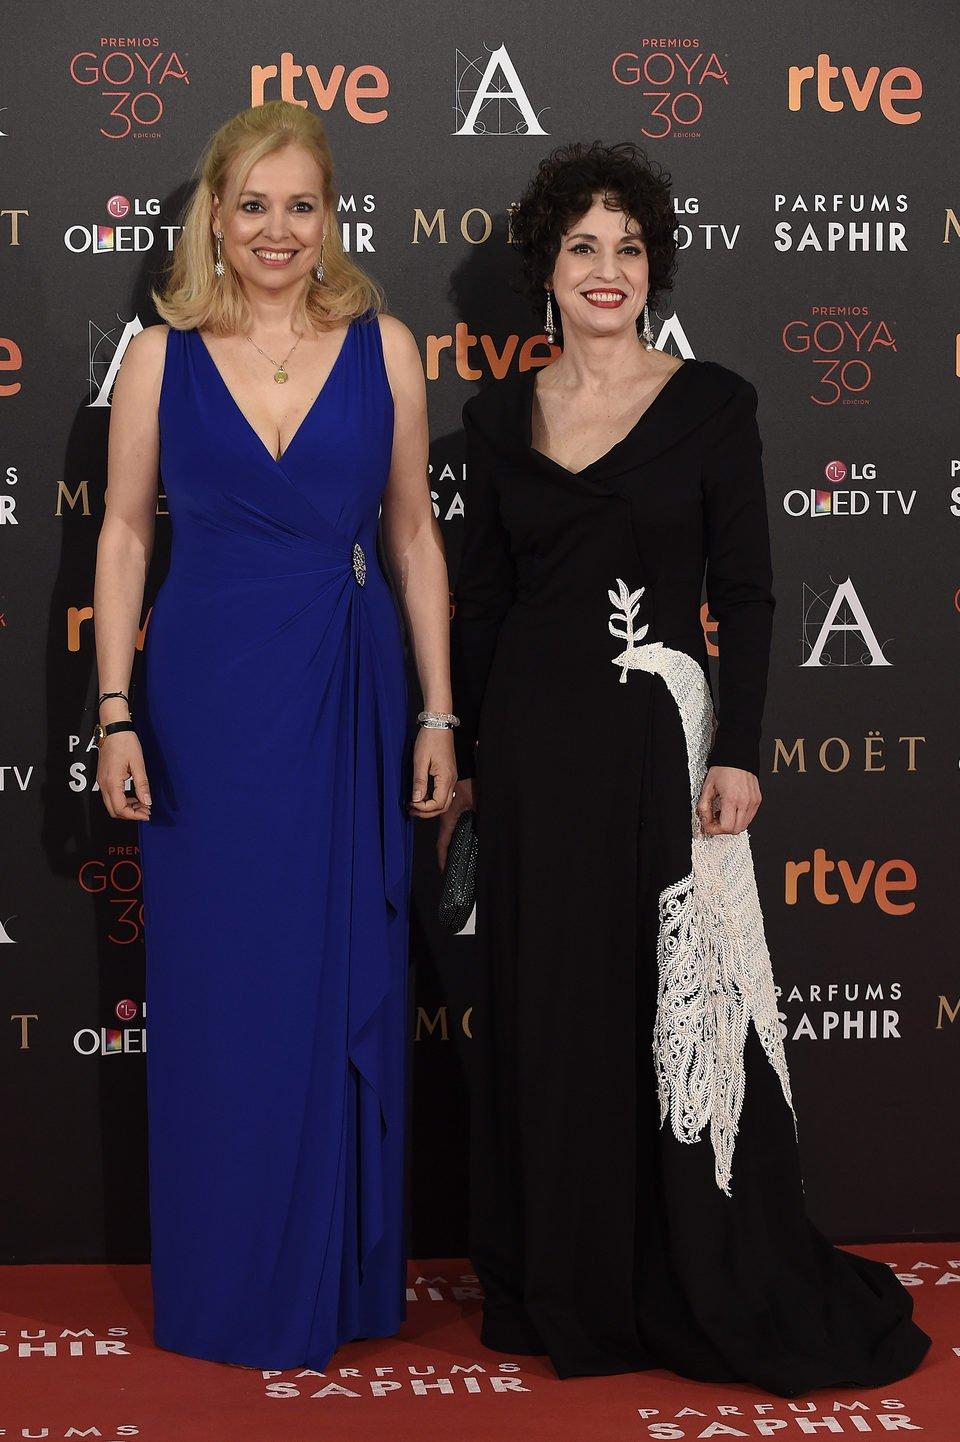 Emma Ozores y Adriana Ozores en la alfombra roja de los Premios Goya 2016